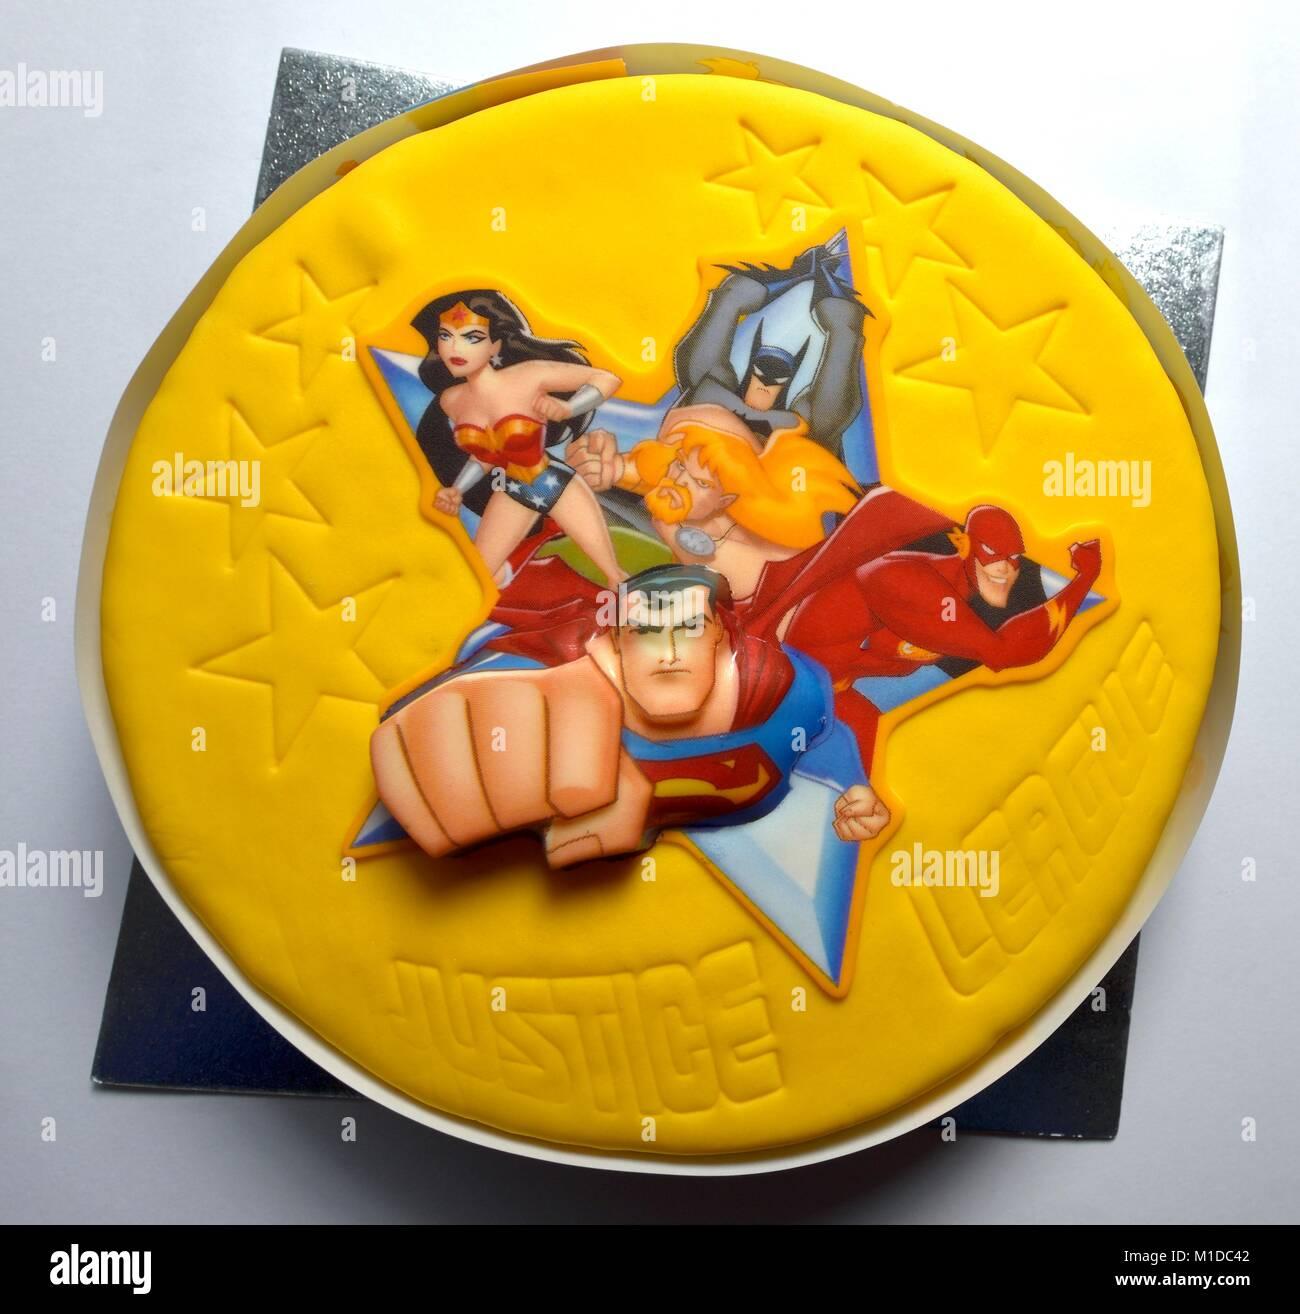 Superhero birthday cake - Stock Image